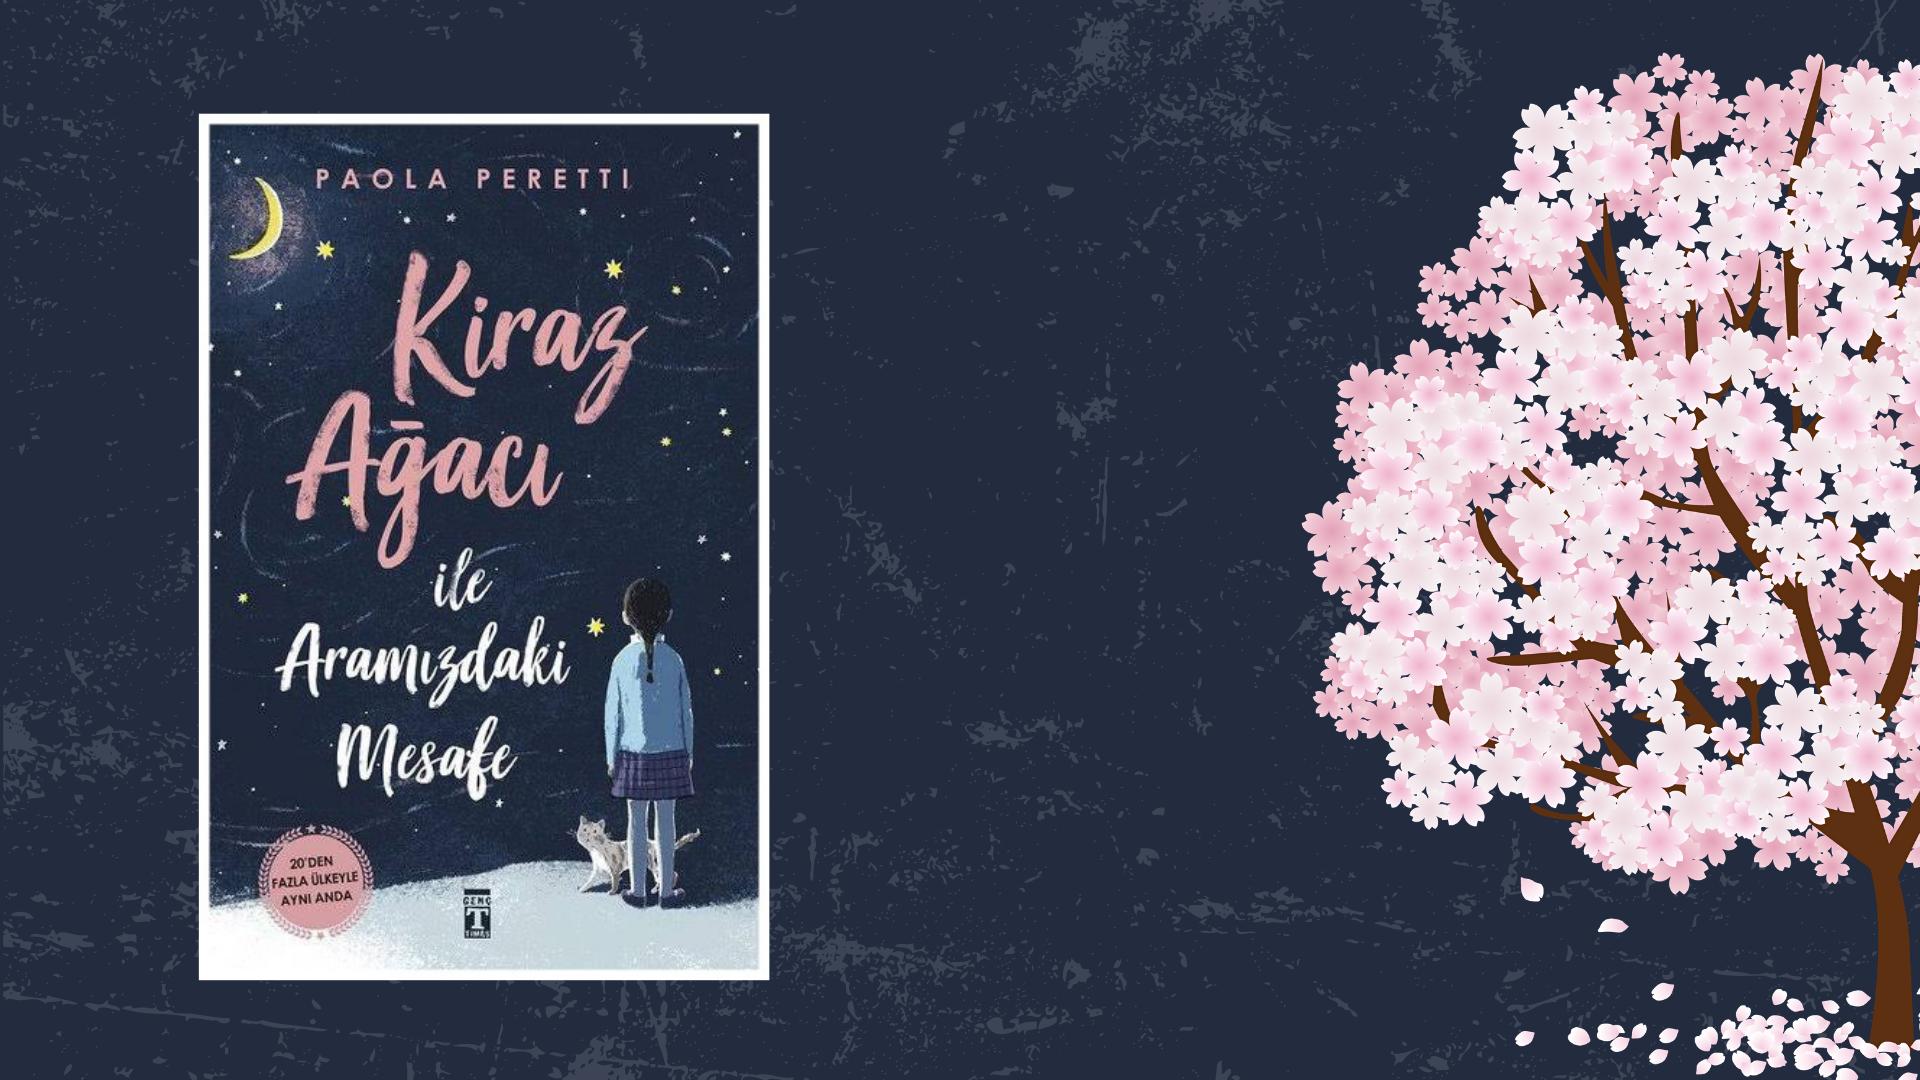 Kitap: Kiraz Ağacı İle Aramızdaki Mesafe | Yazar: Paola Peretti | Yorumlayan: Kübra Mısırlı Keskin